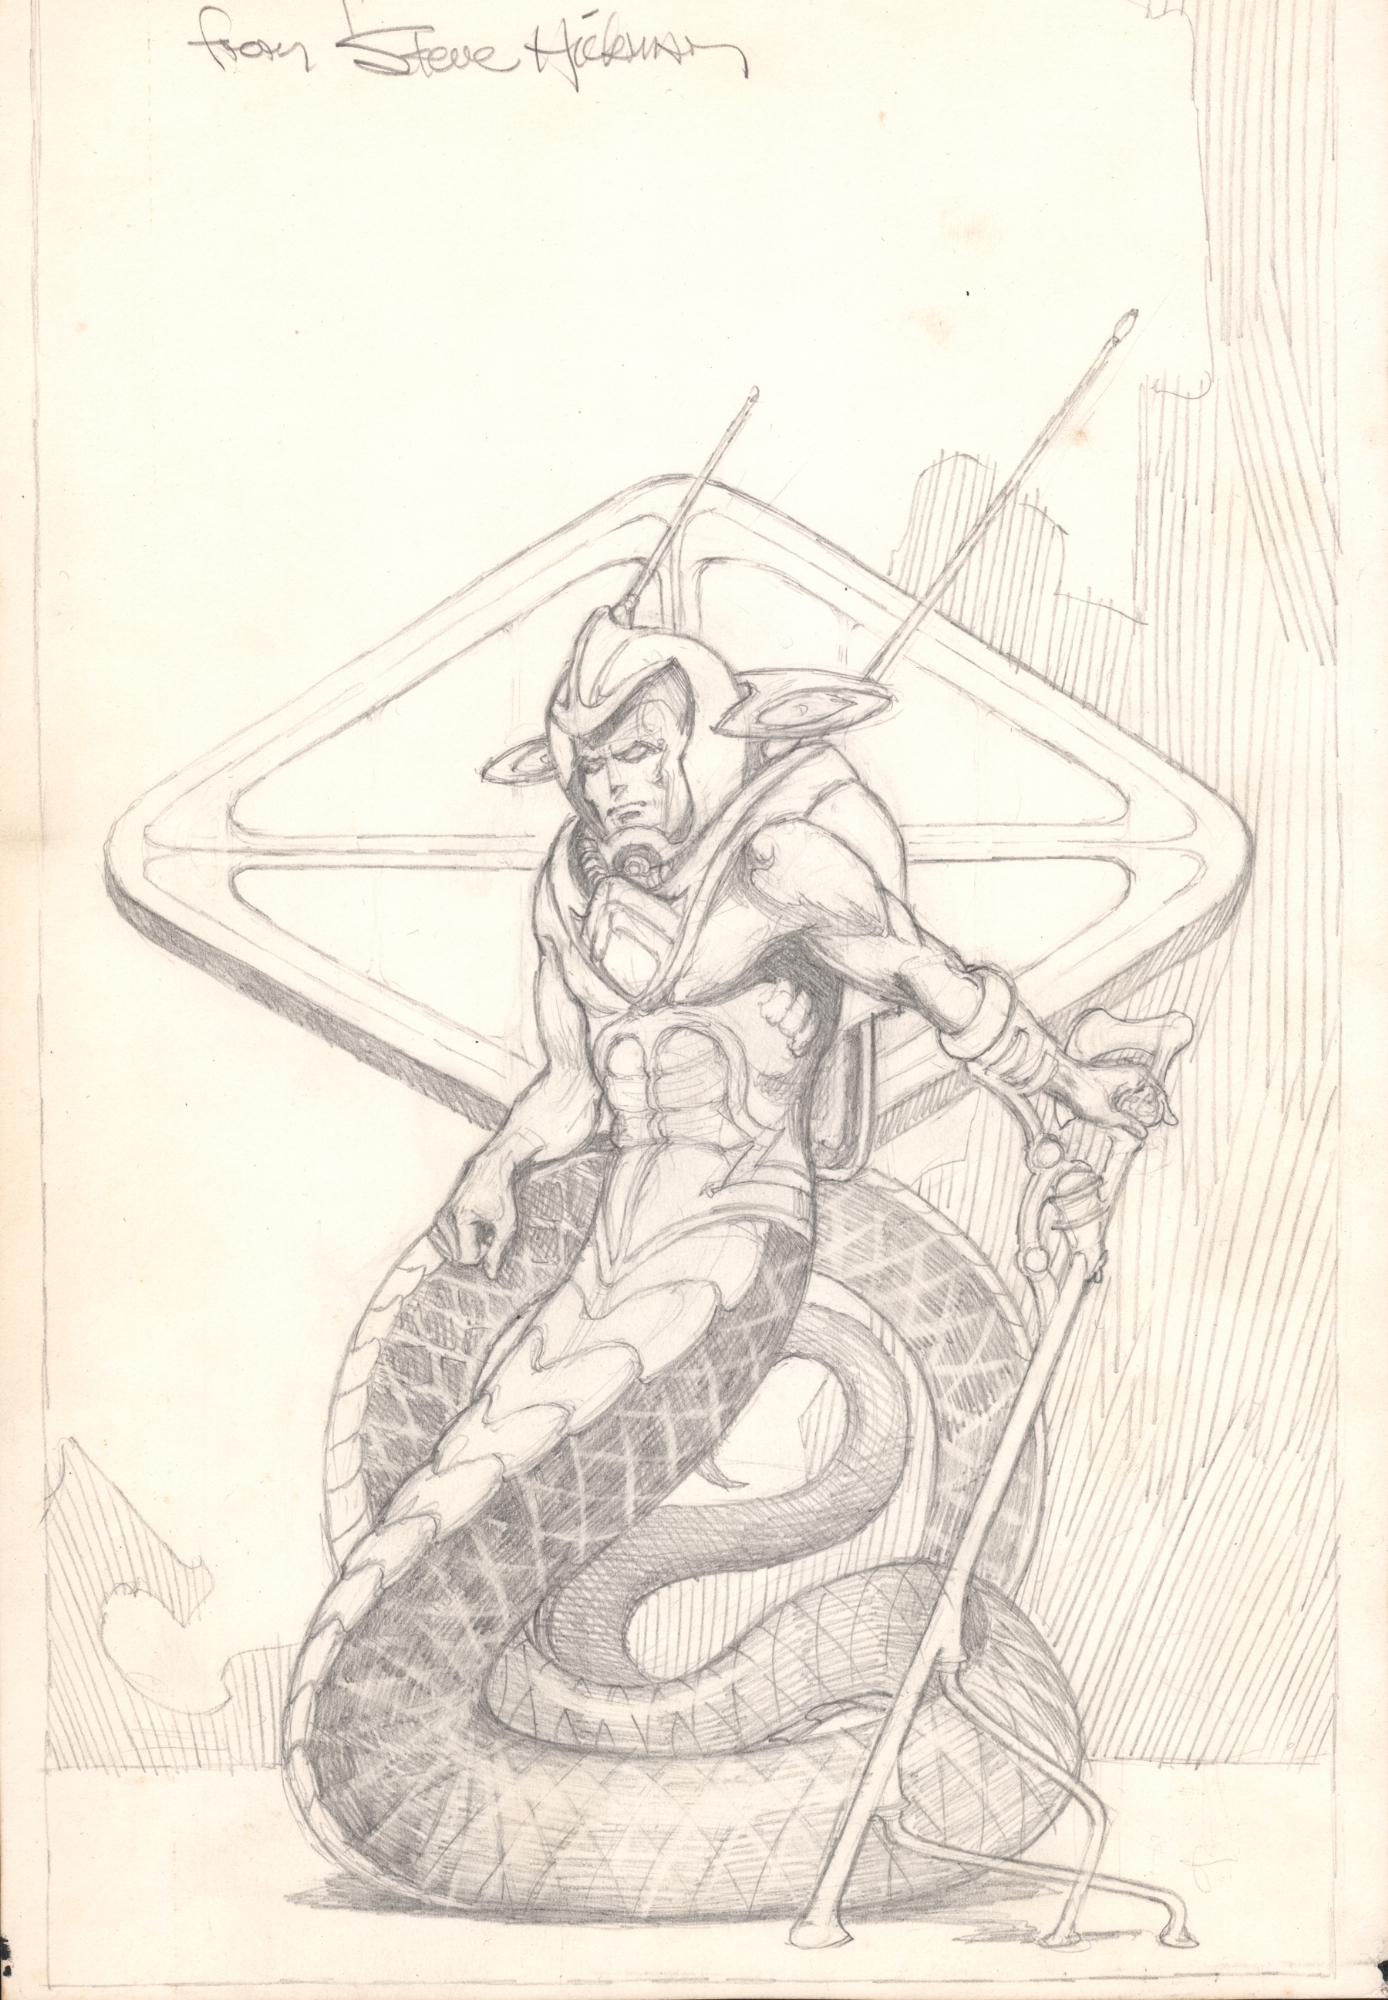 Steve Hickman -- commission? prelim? Sci Fi Snake Alien, in